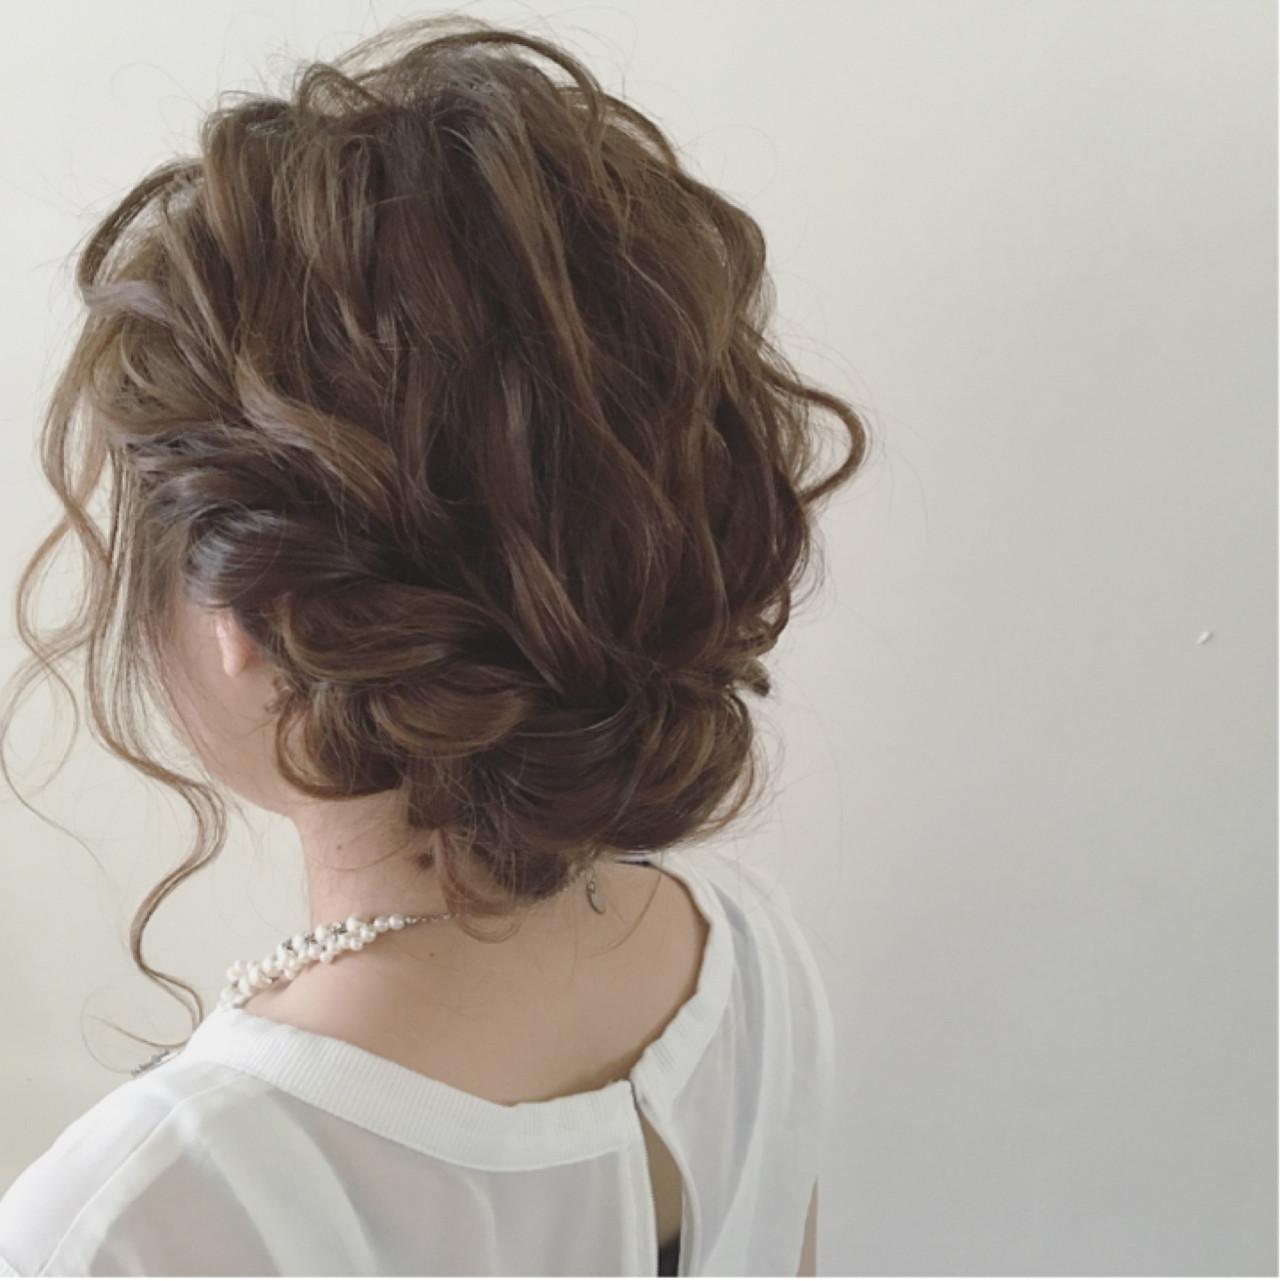 結婚式 ナチュラル ガーリー ミディアム ヘアスタイルや髪型の写真・画像